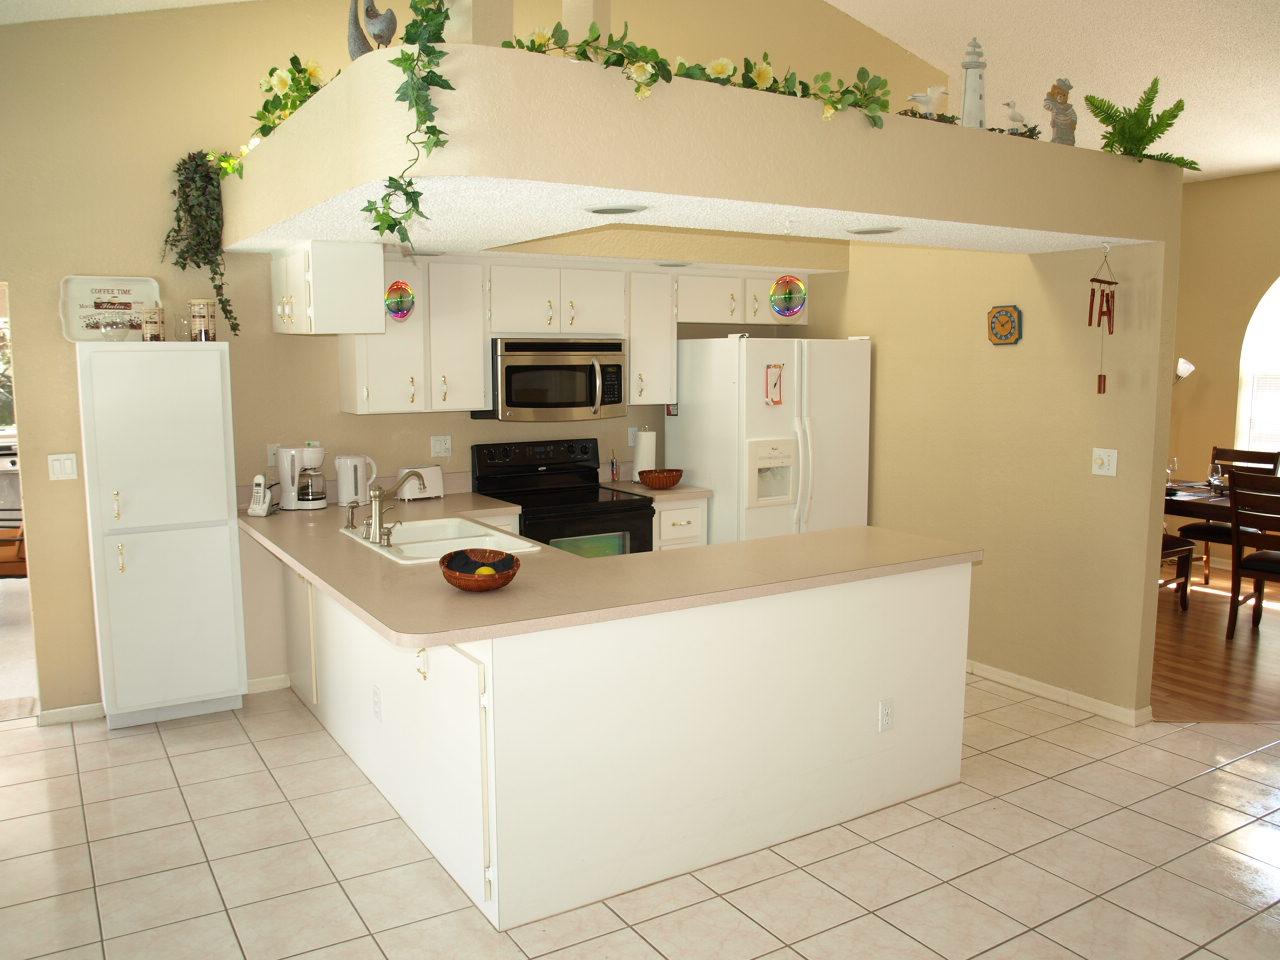 Side By Side Kühlschrank In Küche Integrieren : Offene küche mit side by side kühlschrank küche mit kochinsel und